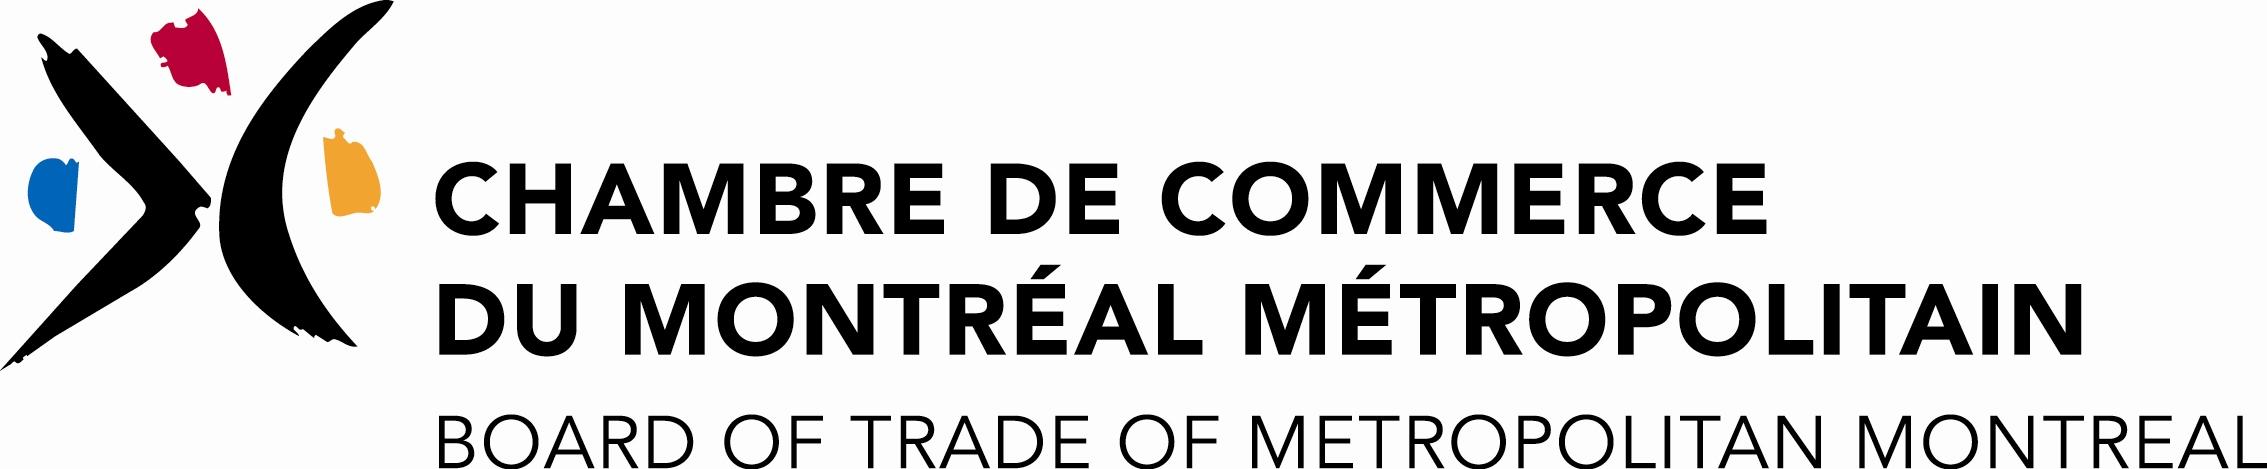 Les v nements de la semaine du 16 au 22 mars 2015 for Chambre de commerce biarritz